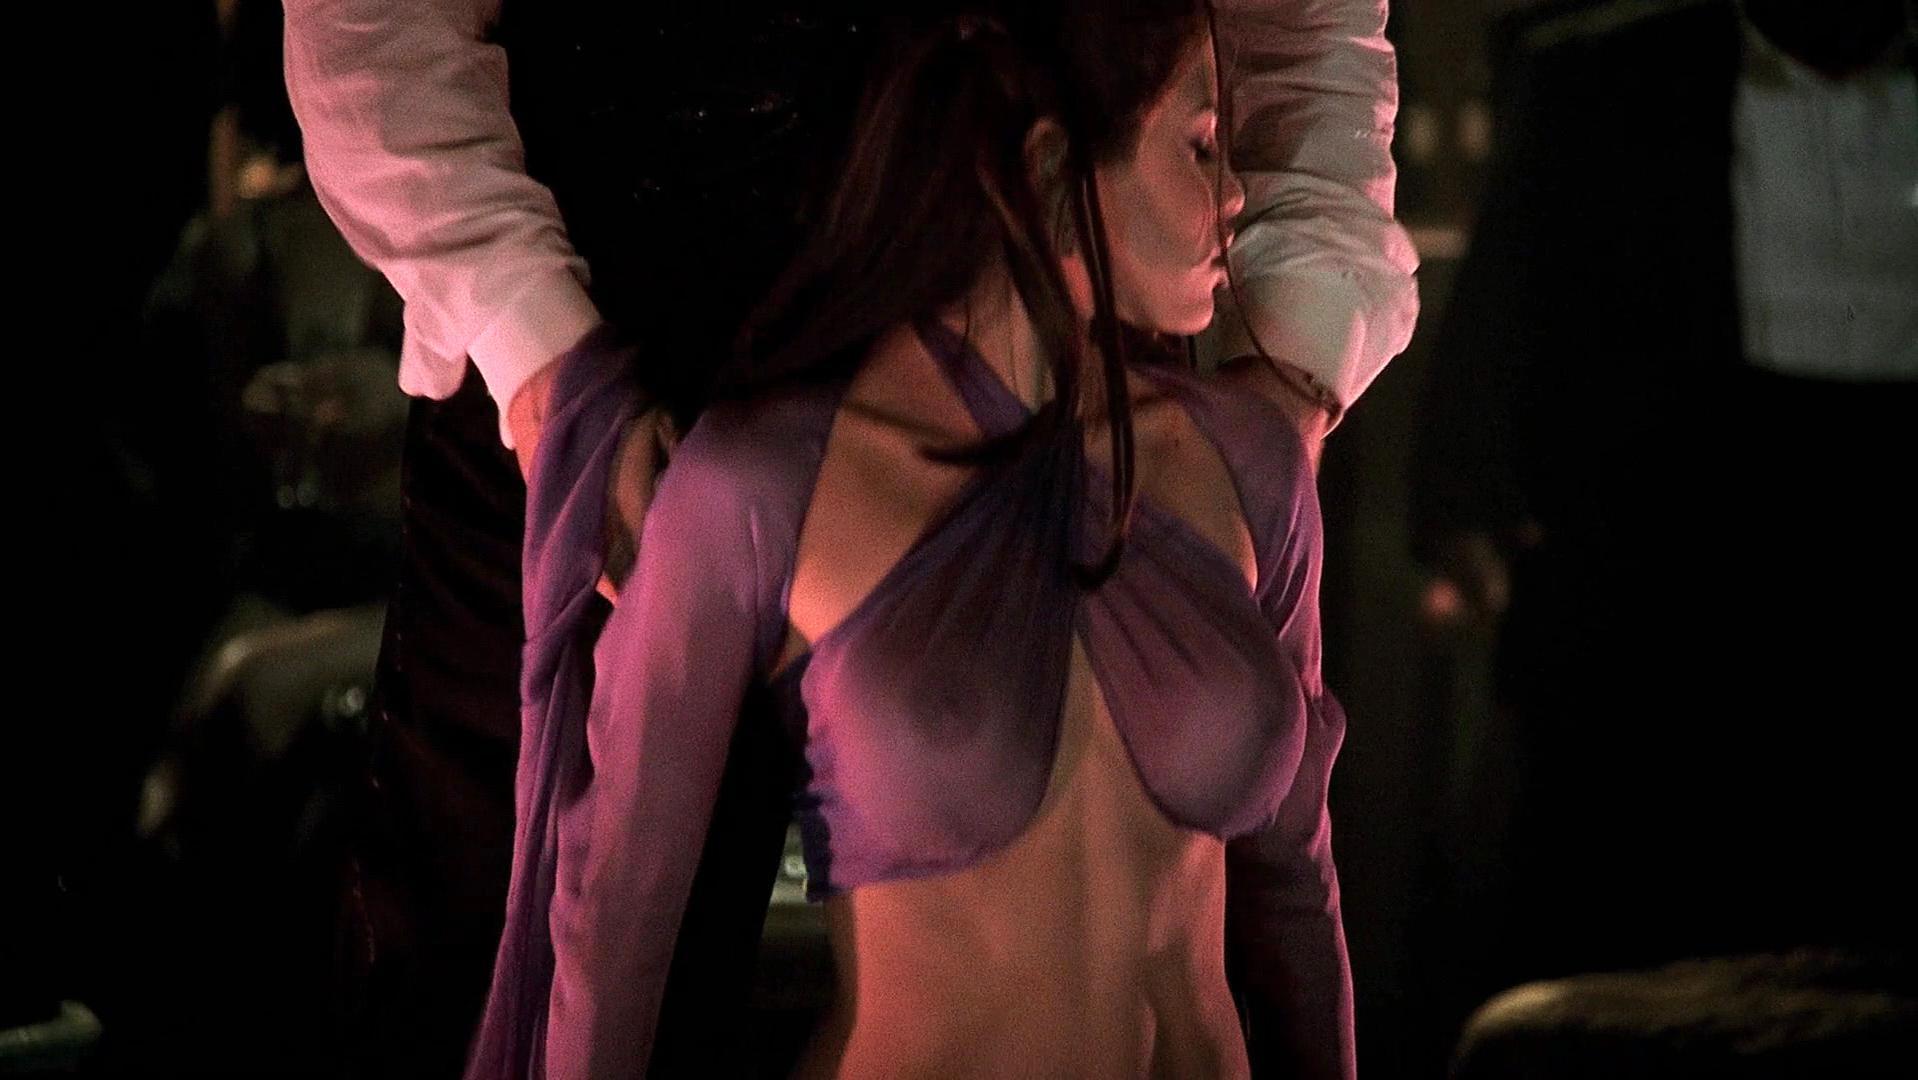 rachel sterling naked nude